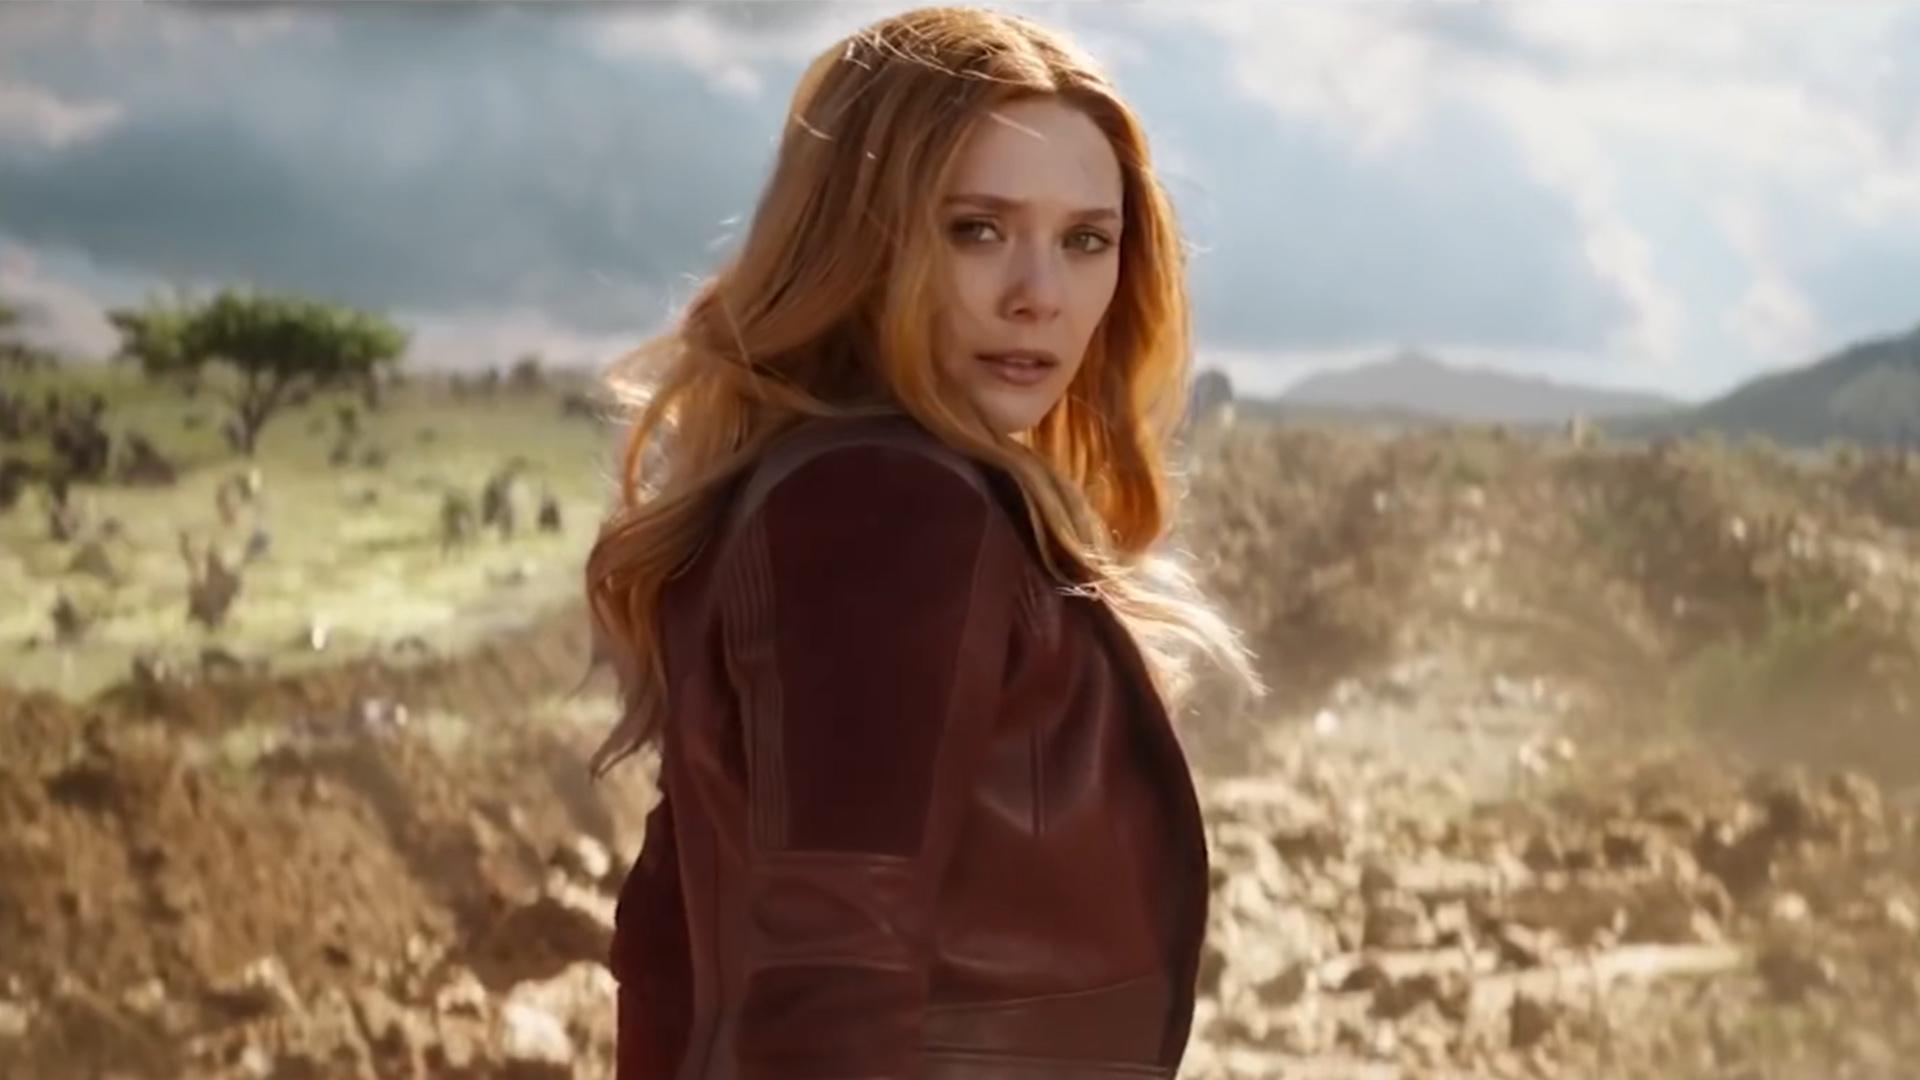 Avengers: Infinity War, Elizabeth Olsen, Avengers 4